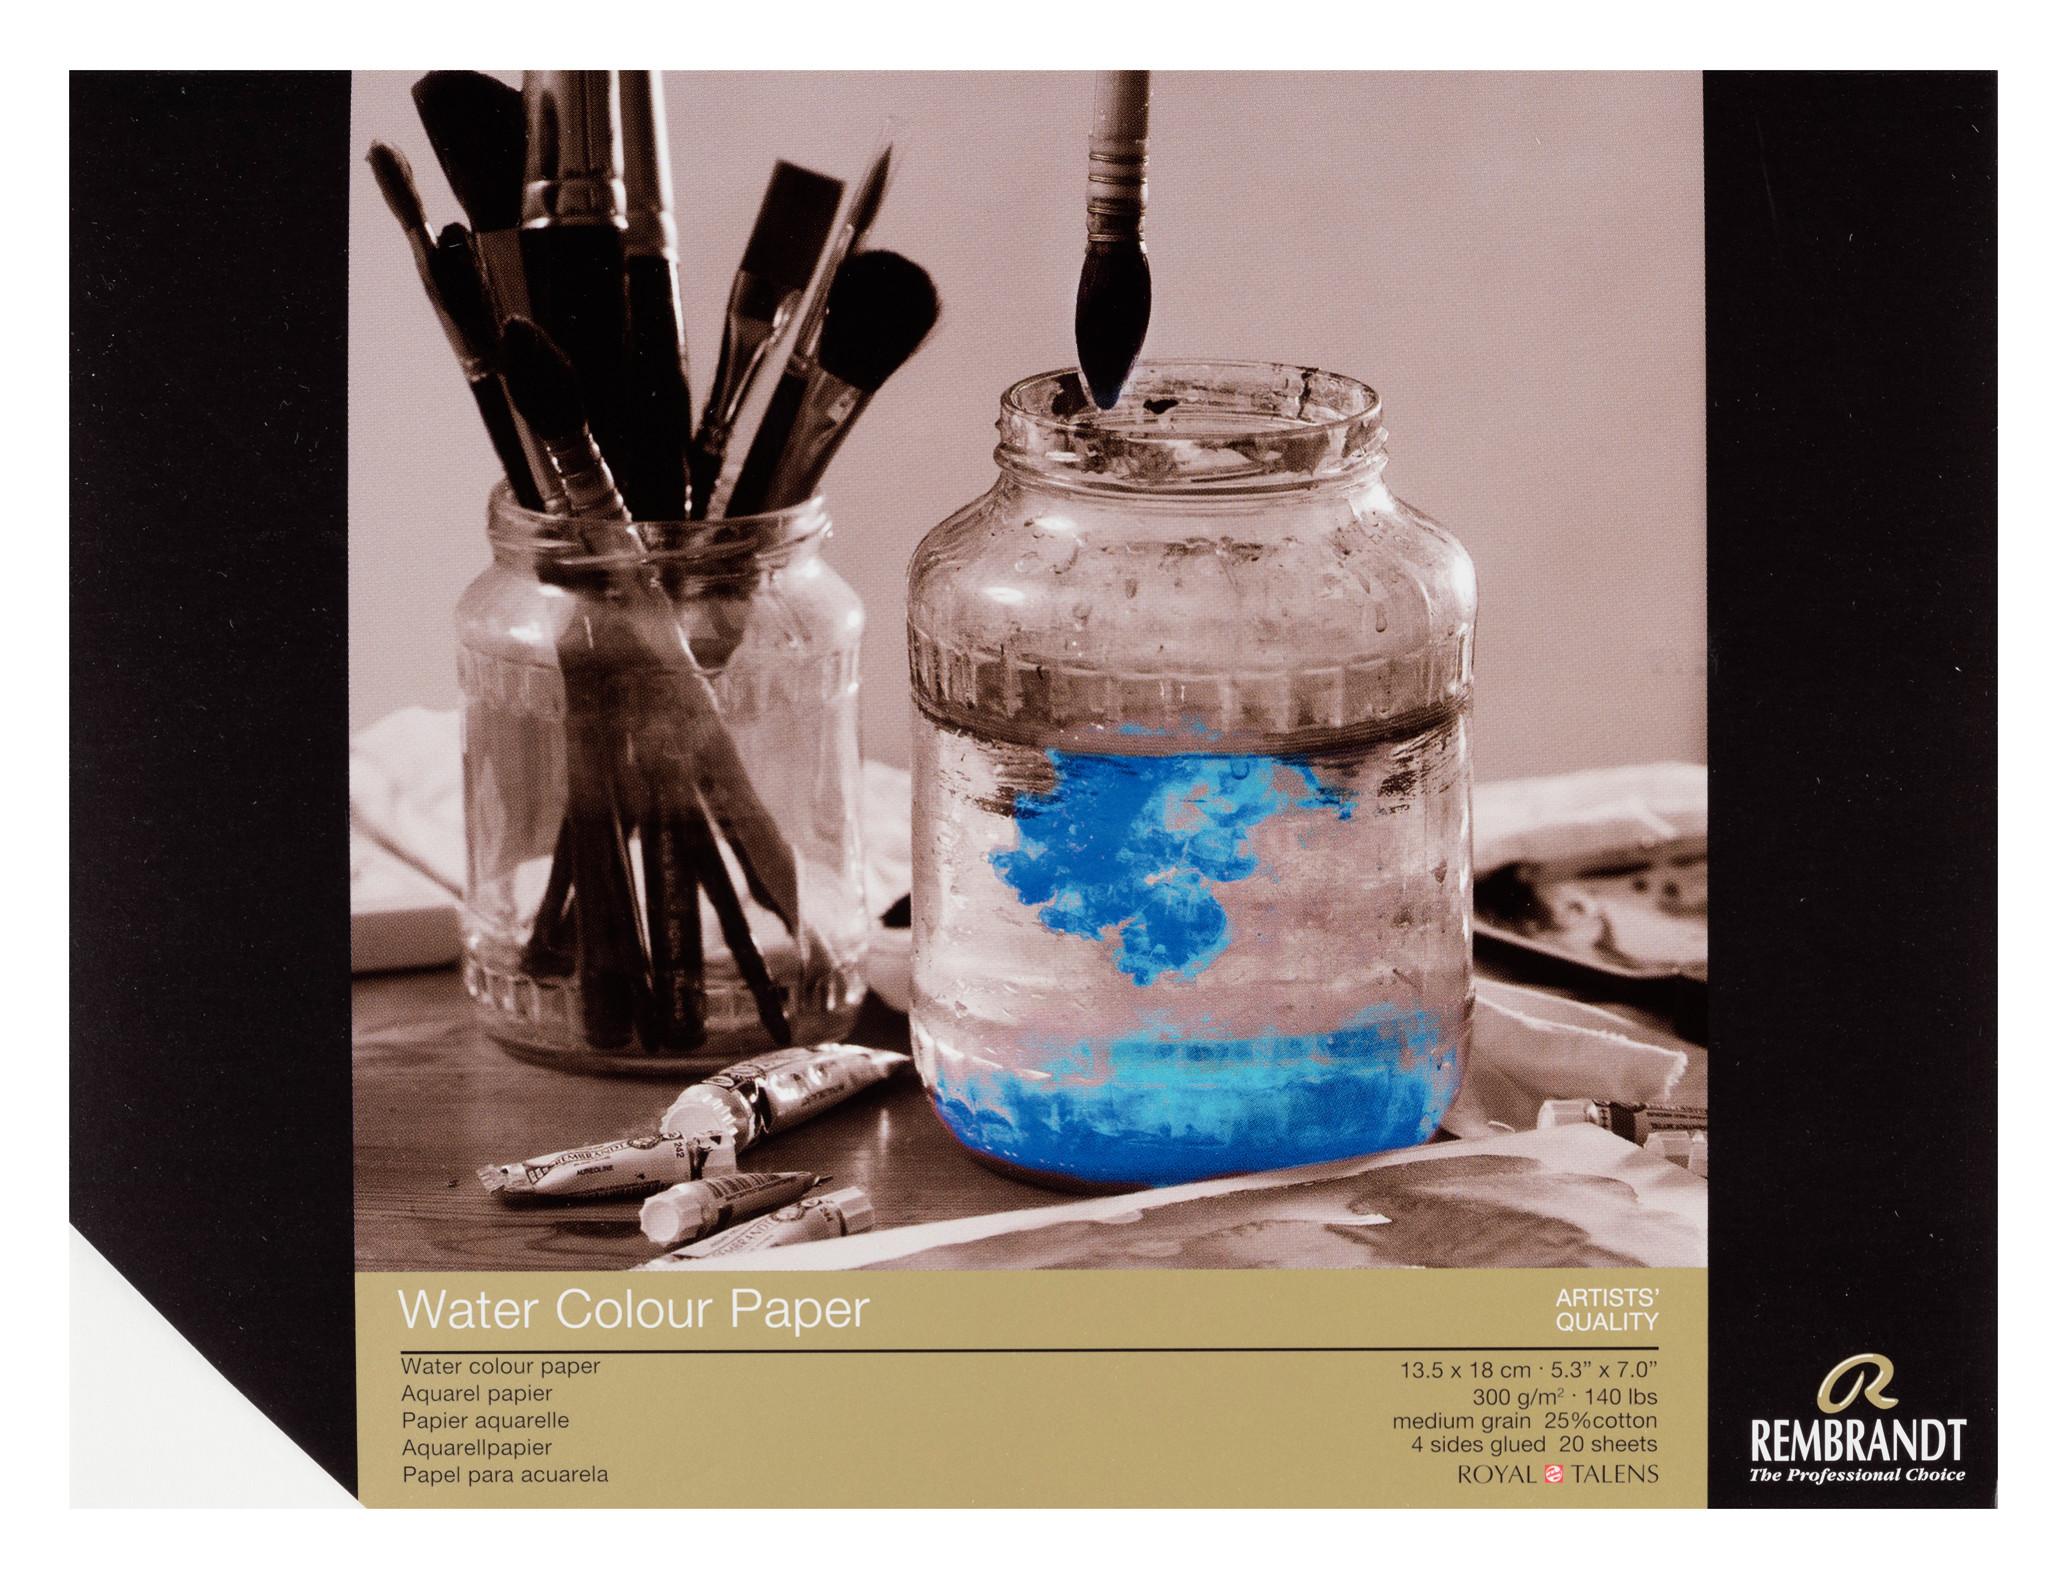 Rembrandt Water Colour Paper 13,5X18cm